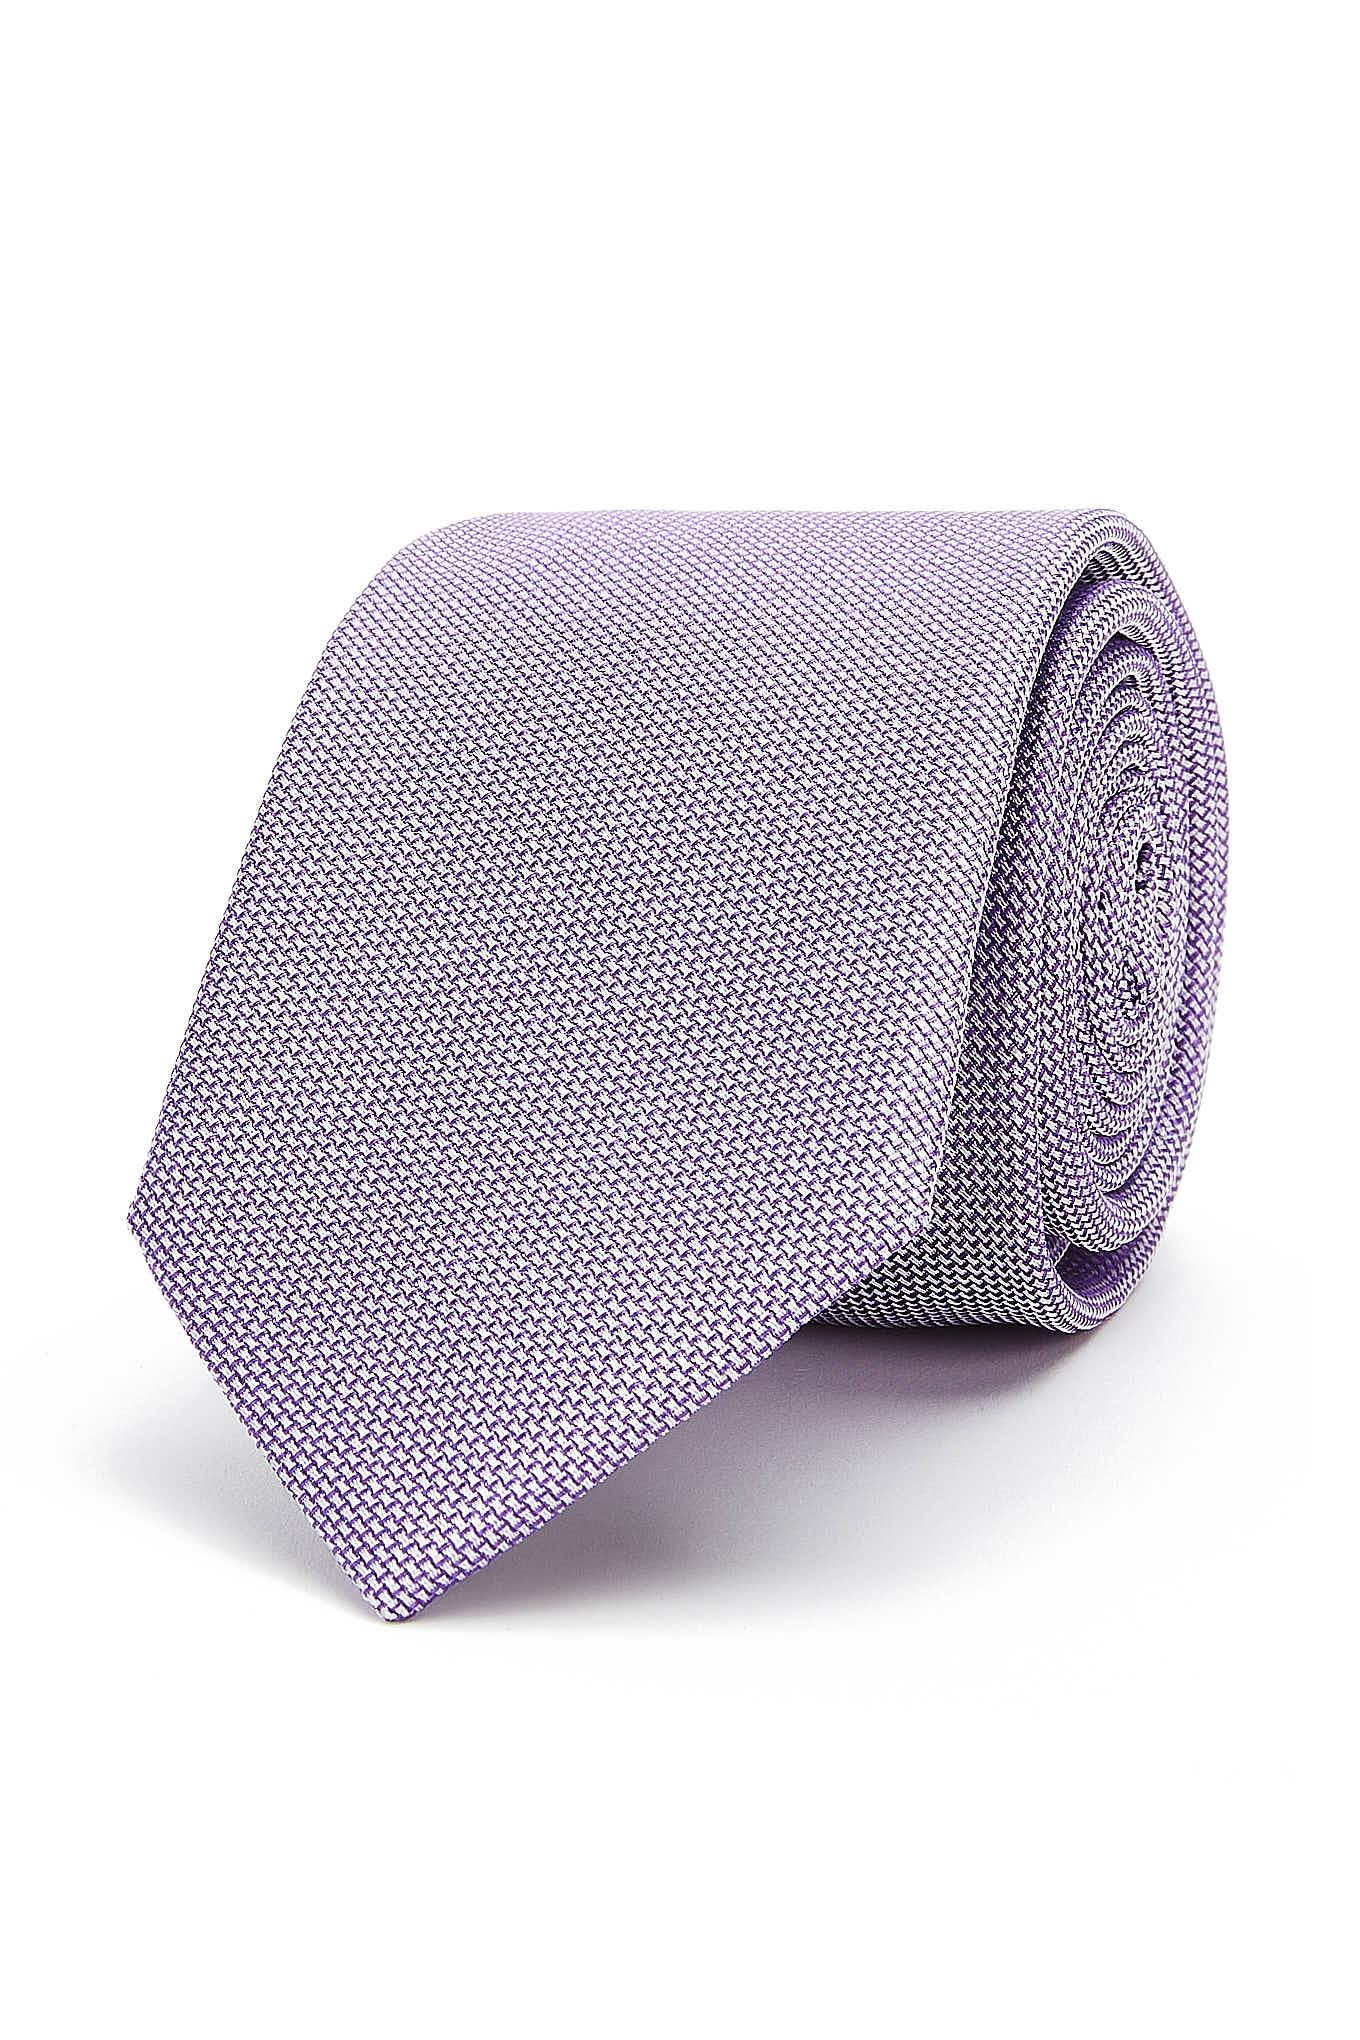 Gravata Púrpura Classic Homem